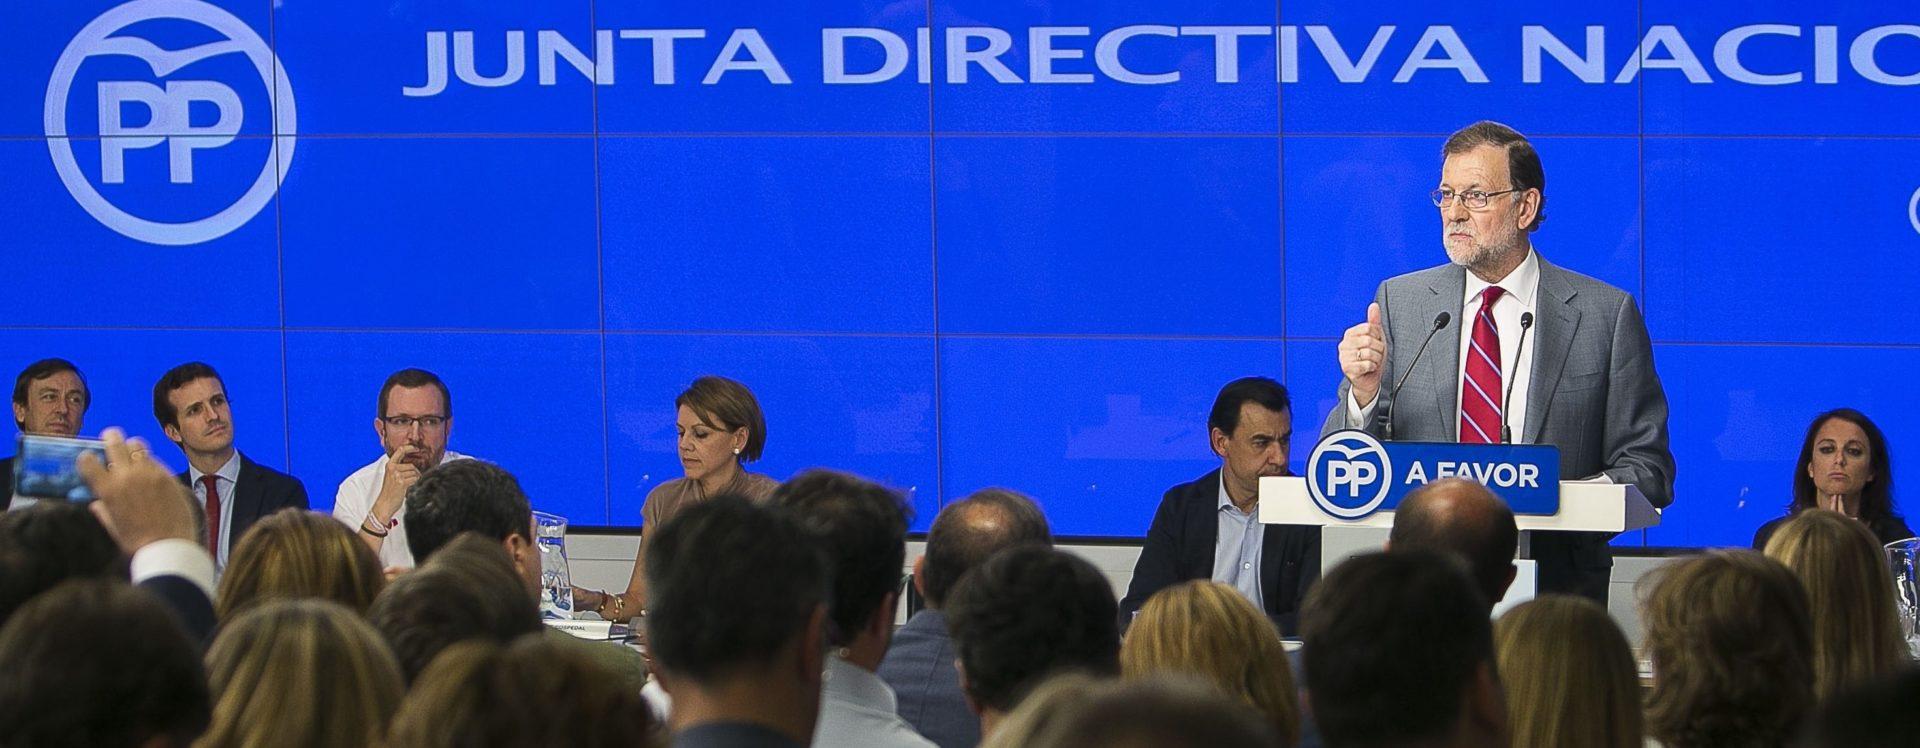 Rajoy presidiendo la Junta Directiva nacional del PP antes del inicio de la XII Legislatura